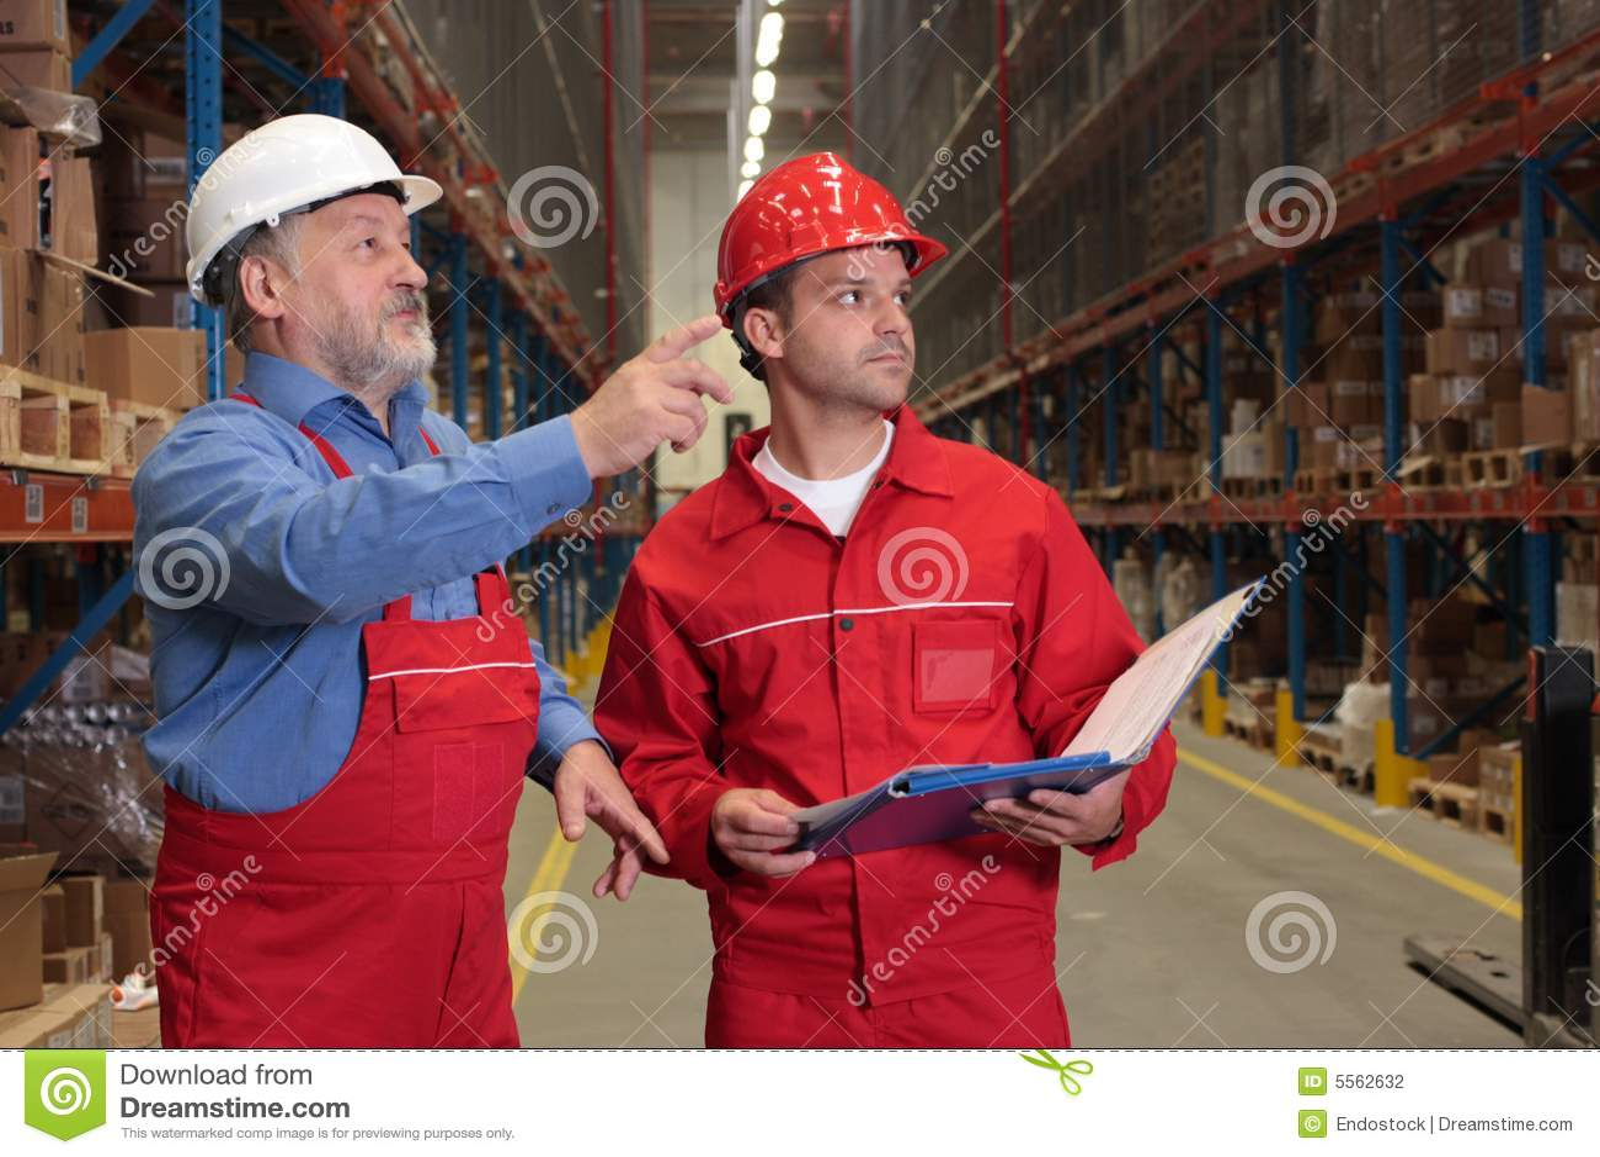 Inspectors in warehouse